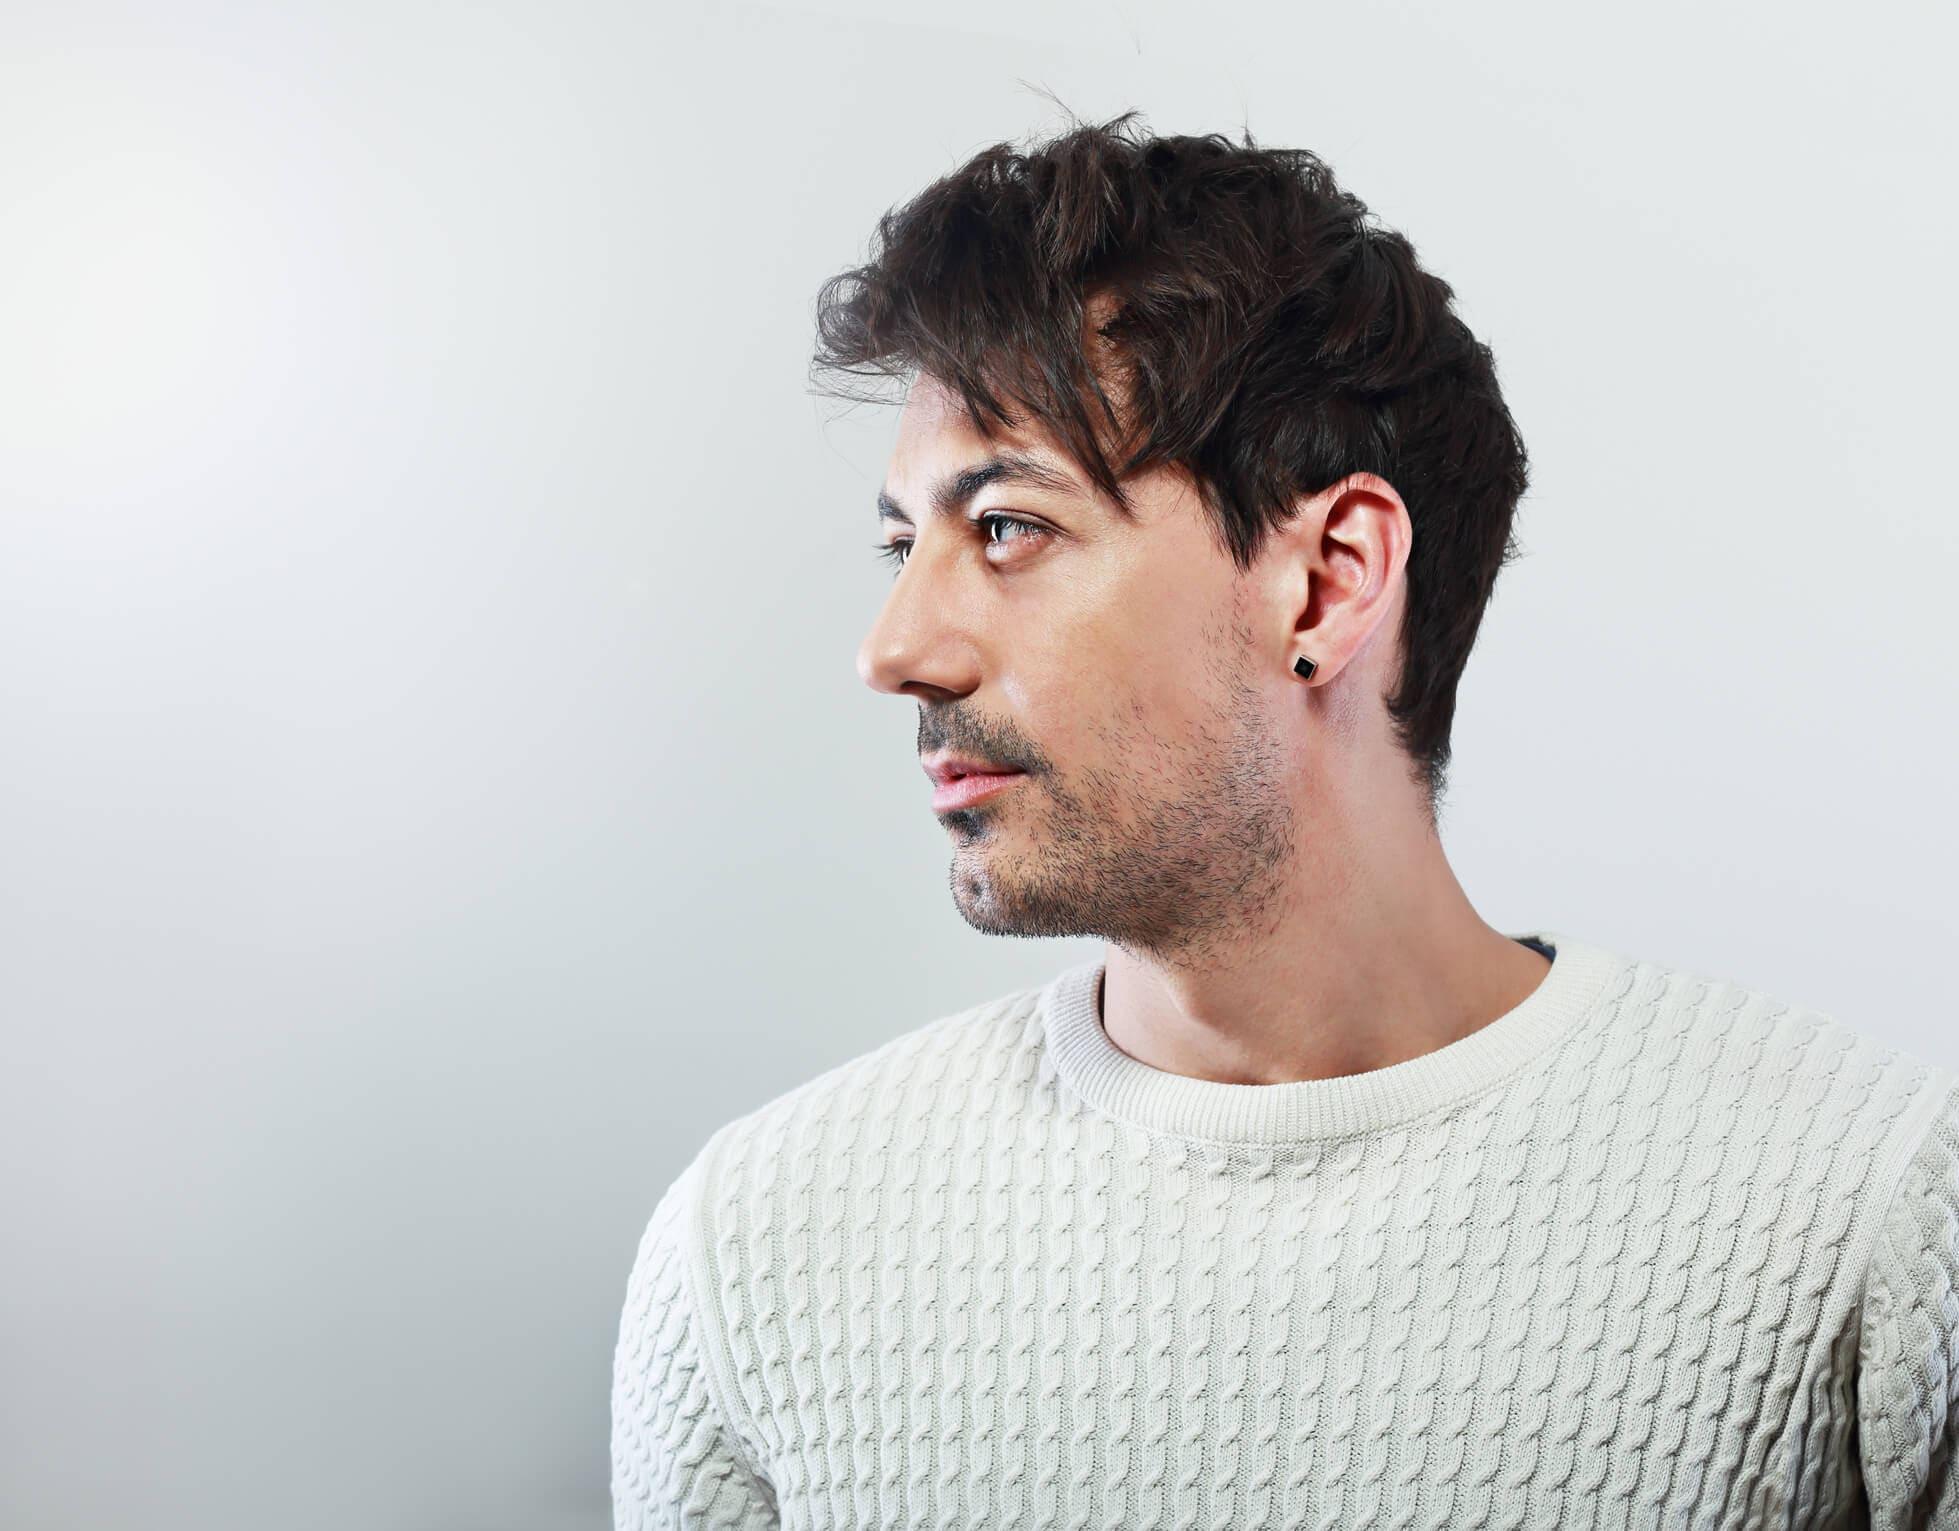 Peinados De Lado Para Hombre 3 Estilos Super De Moda Esta Temporada